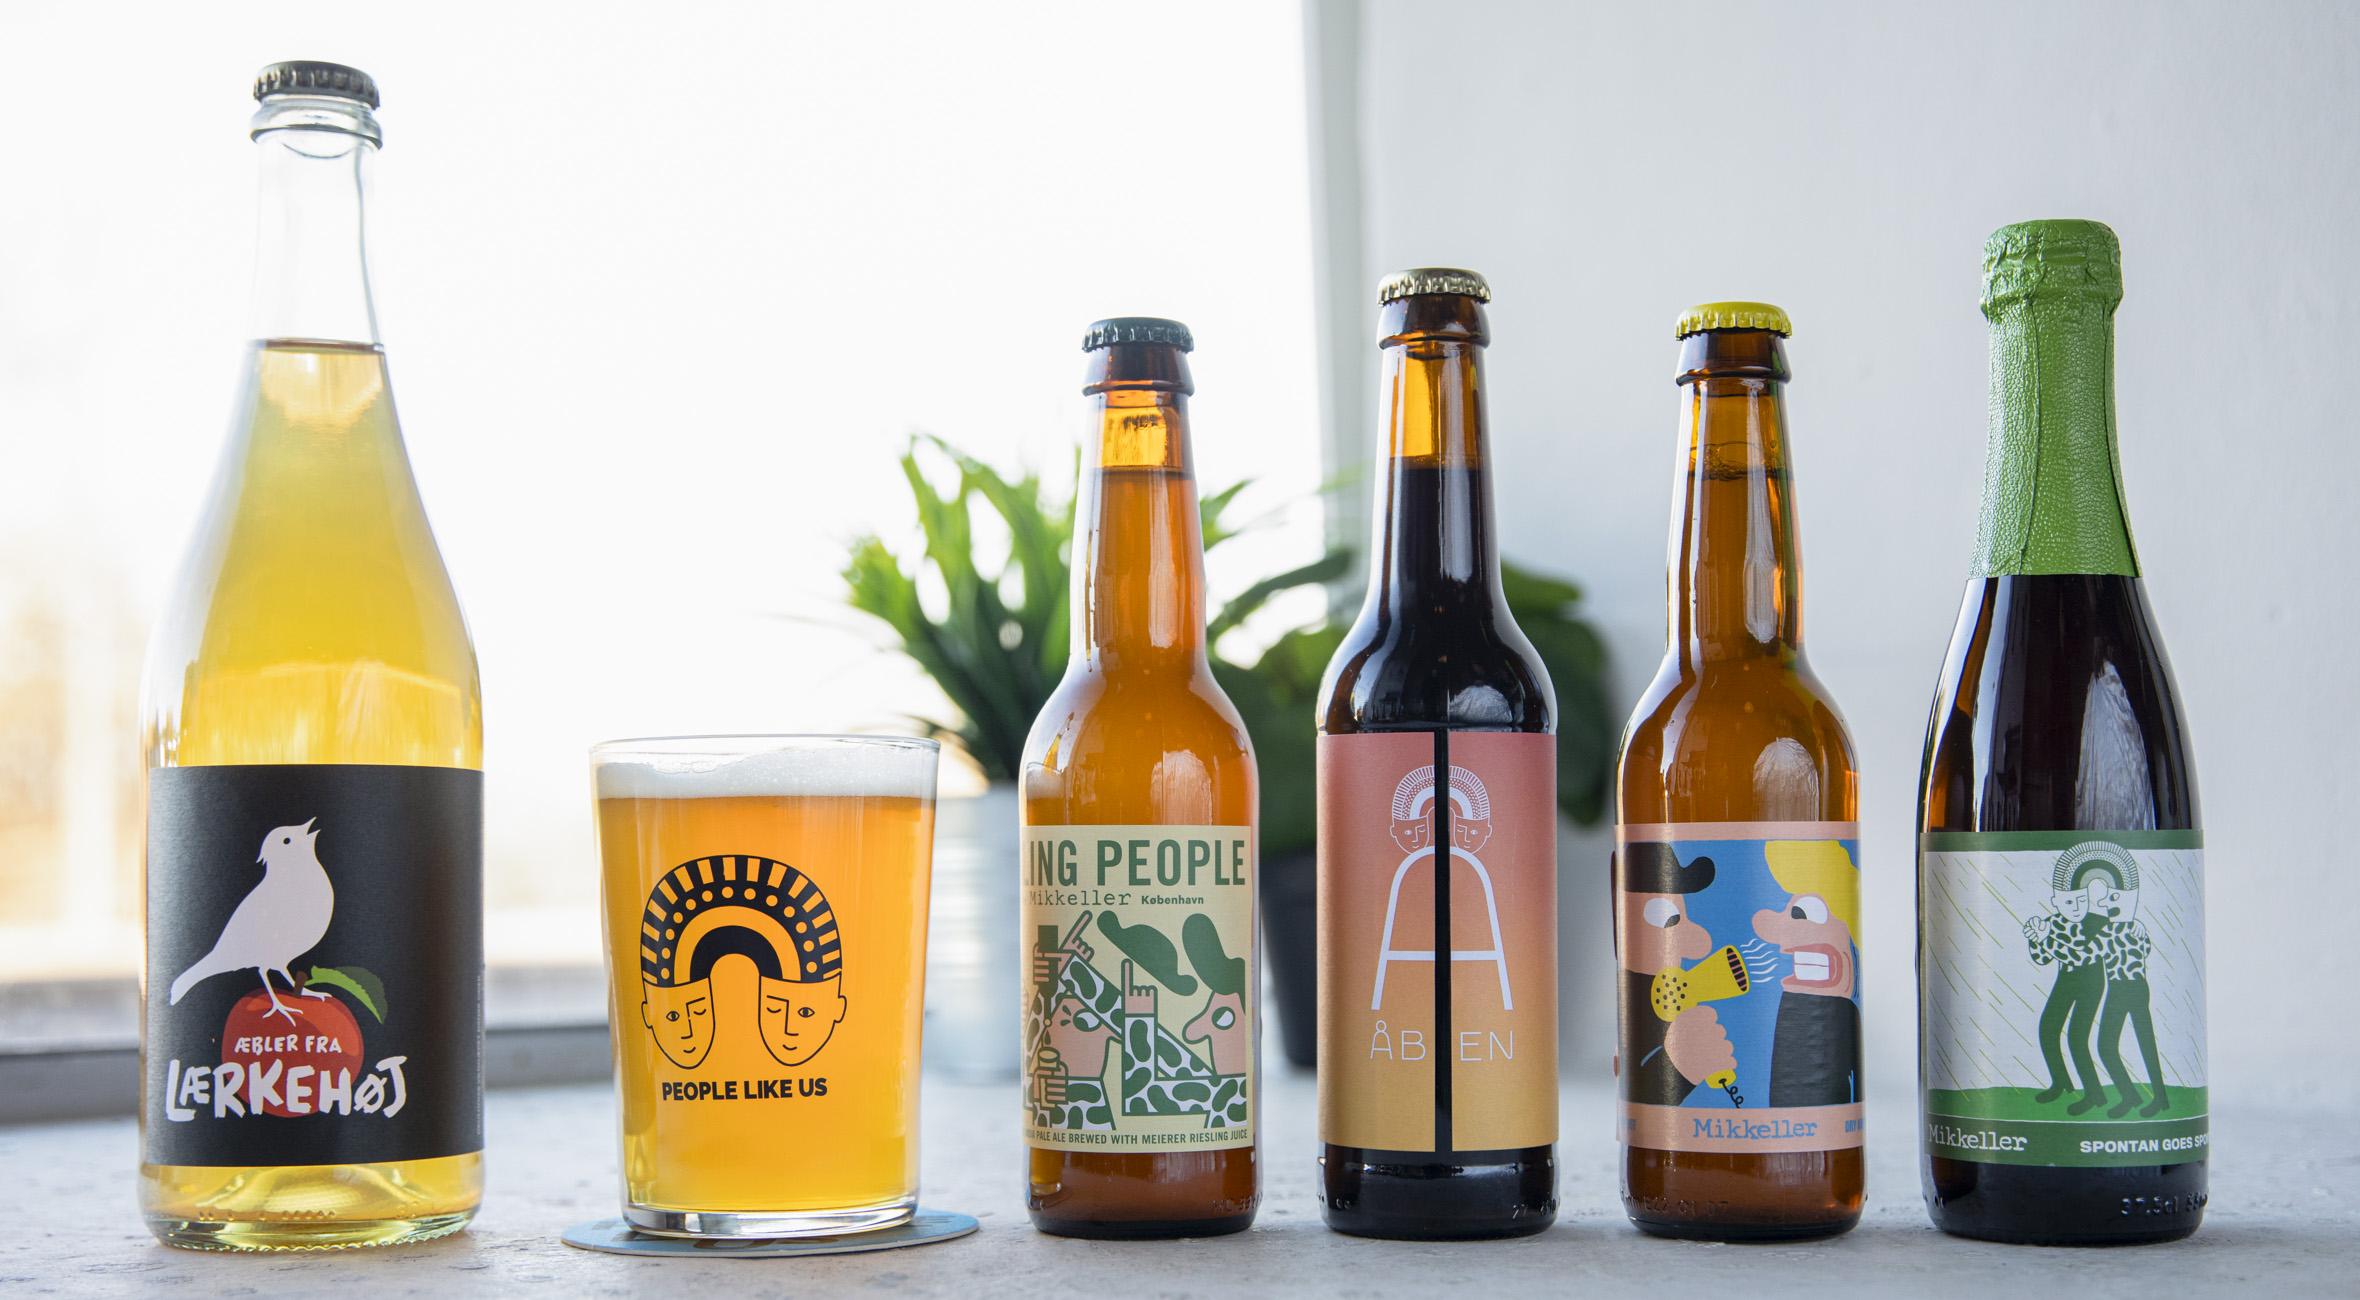 Frit valg til alt hos People Like Us på Amager og Nørrebro – Dansk mikrobryggeri laver social innovation og brygger øl sammen med verdens bedste bryggerier